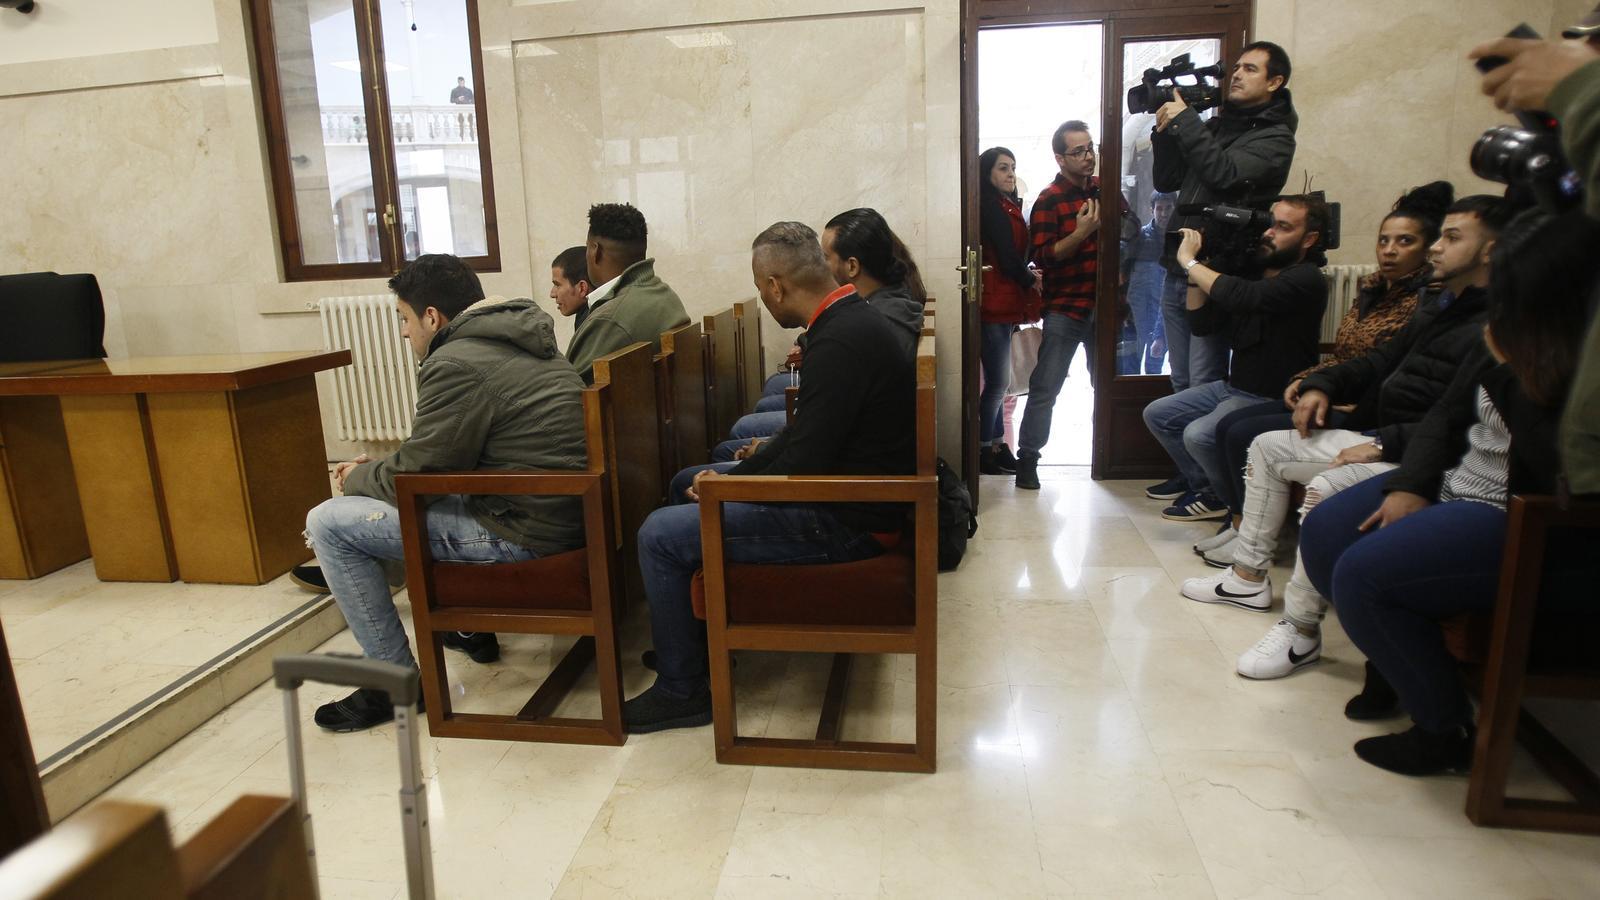 La fiscalia demana penes d'entre 2 i 6 anys de presó pels narcotraficants de l'Operació Posidònia